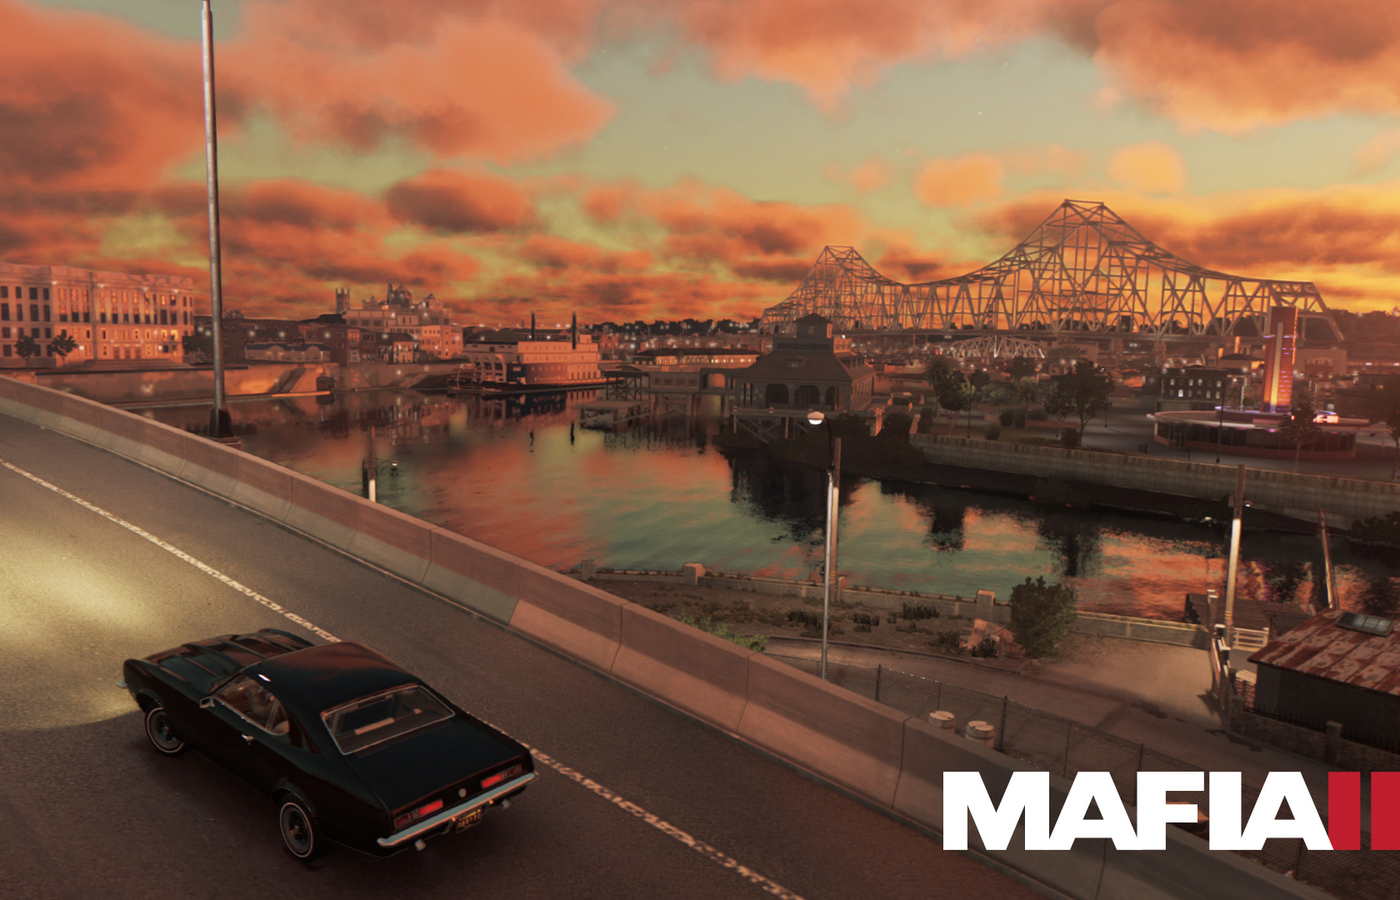 mafia-3-game-4k.jpg